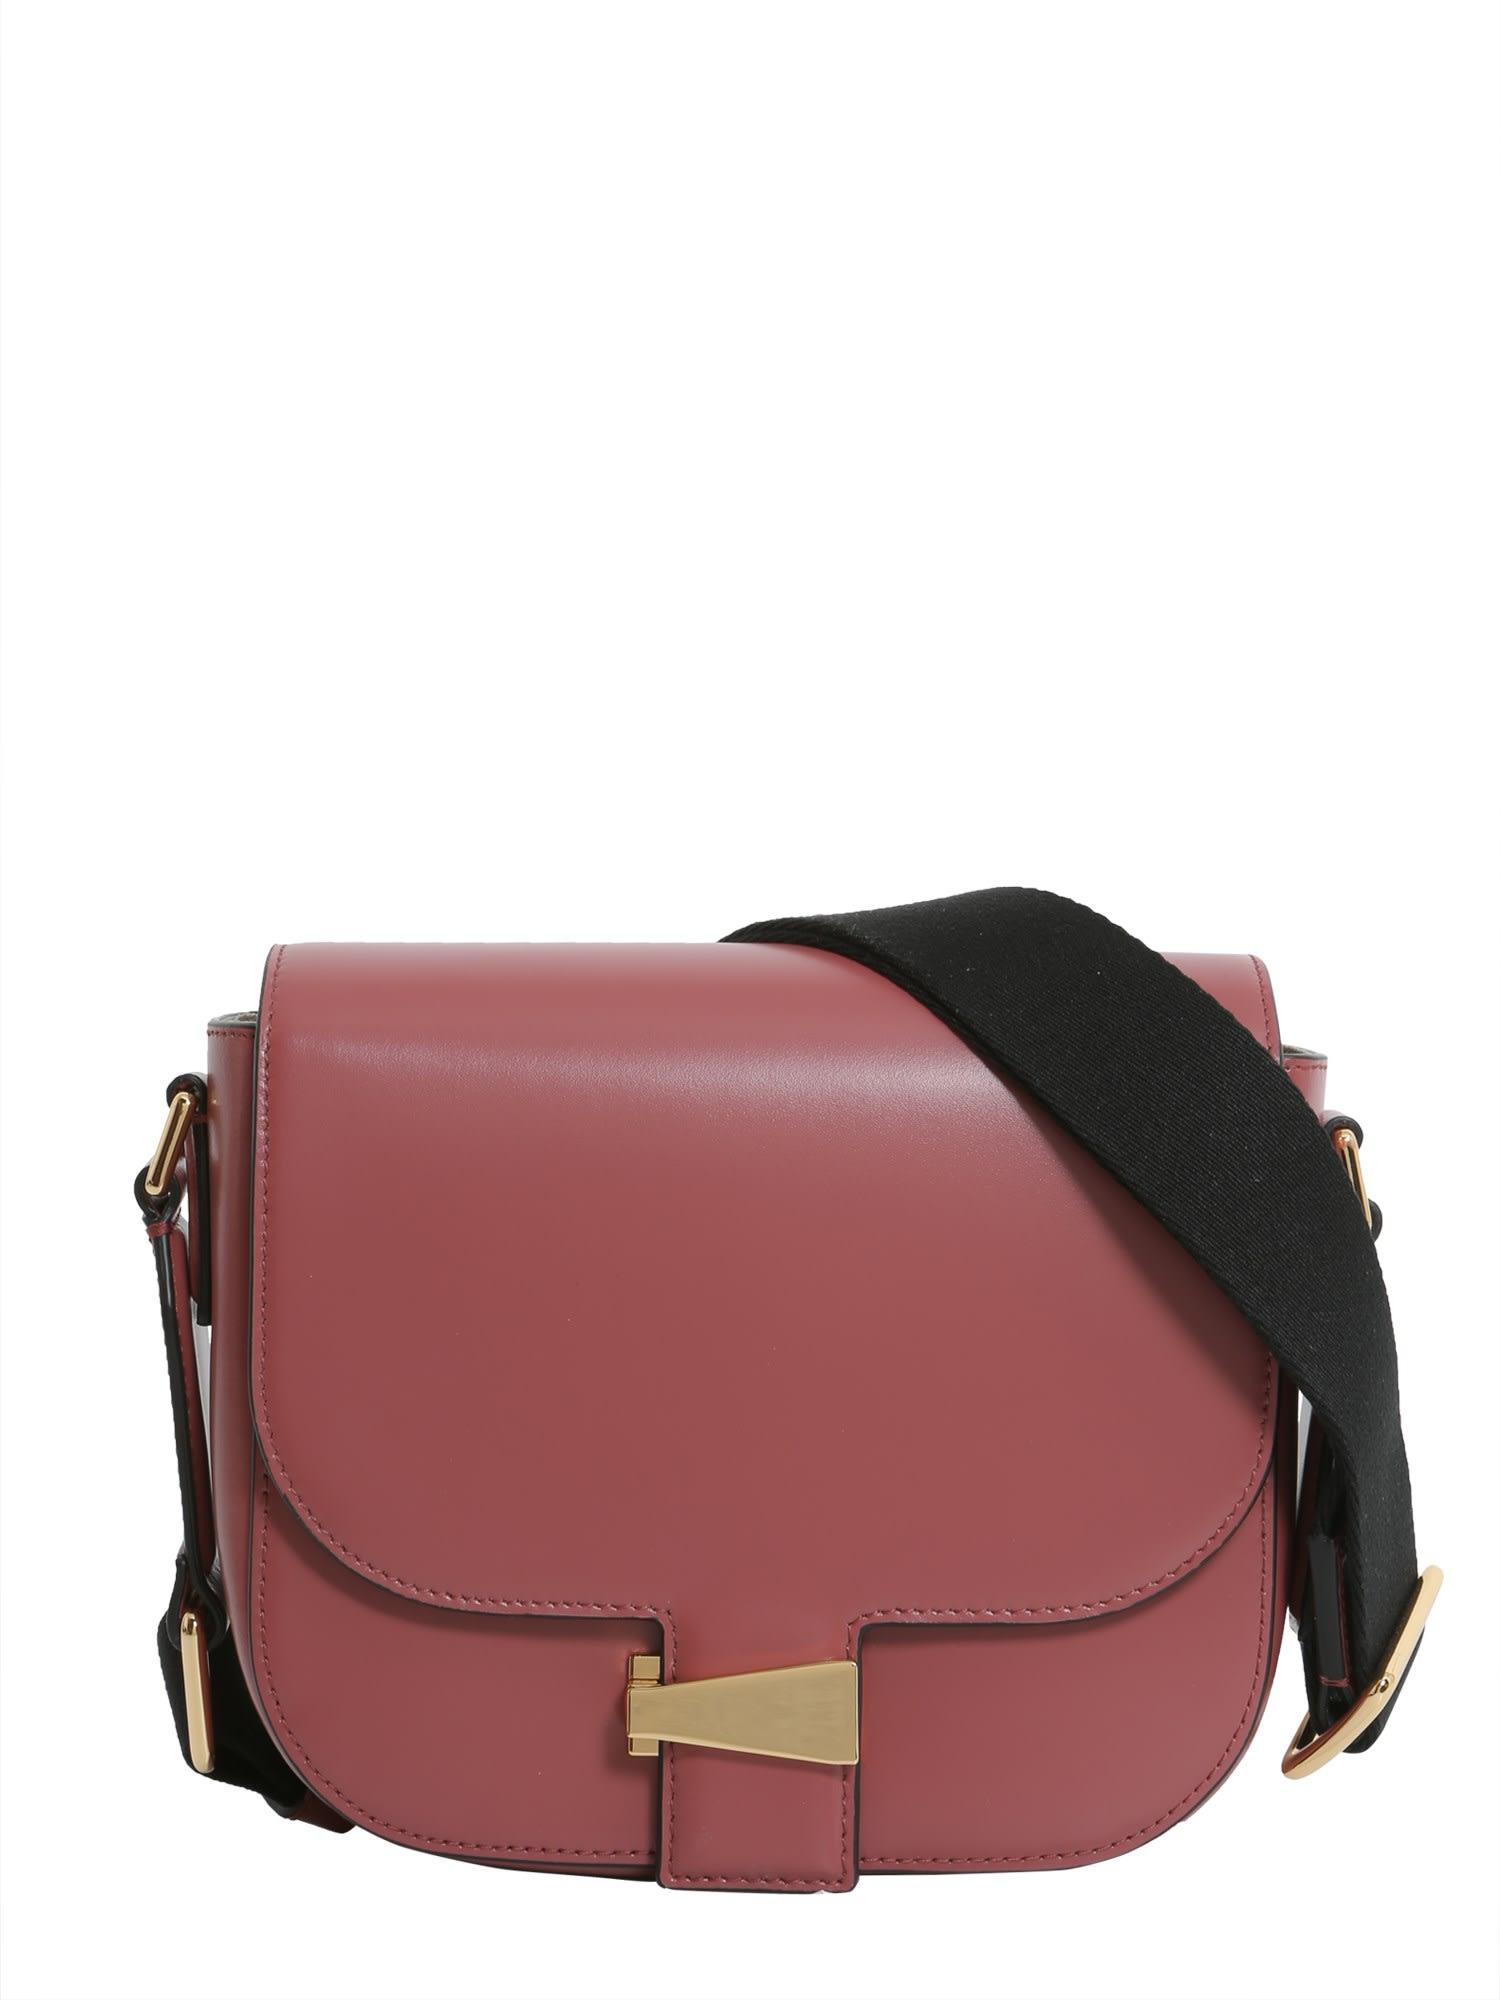 0301b0640a00 Hugo Boss Stacie Crossbody Bag